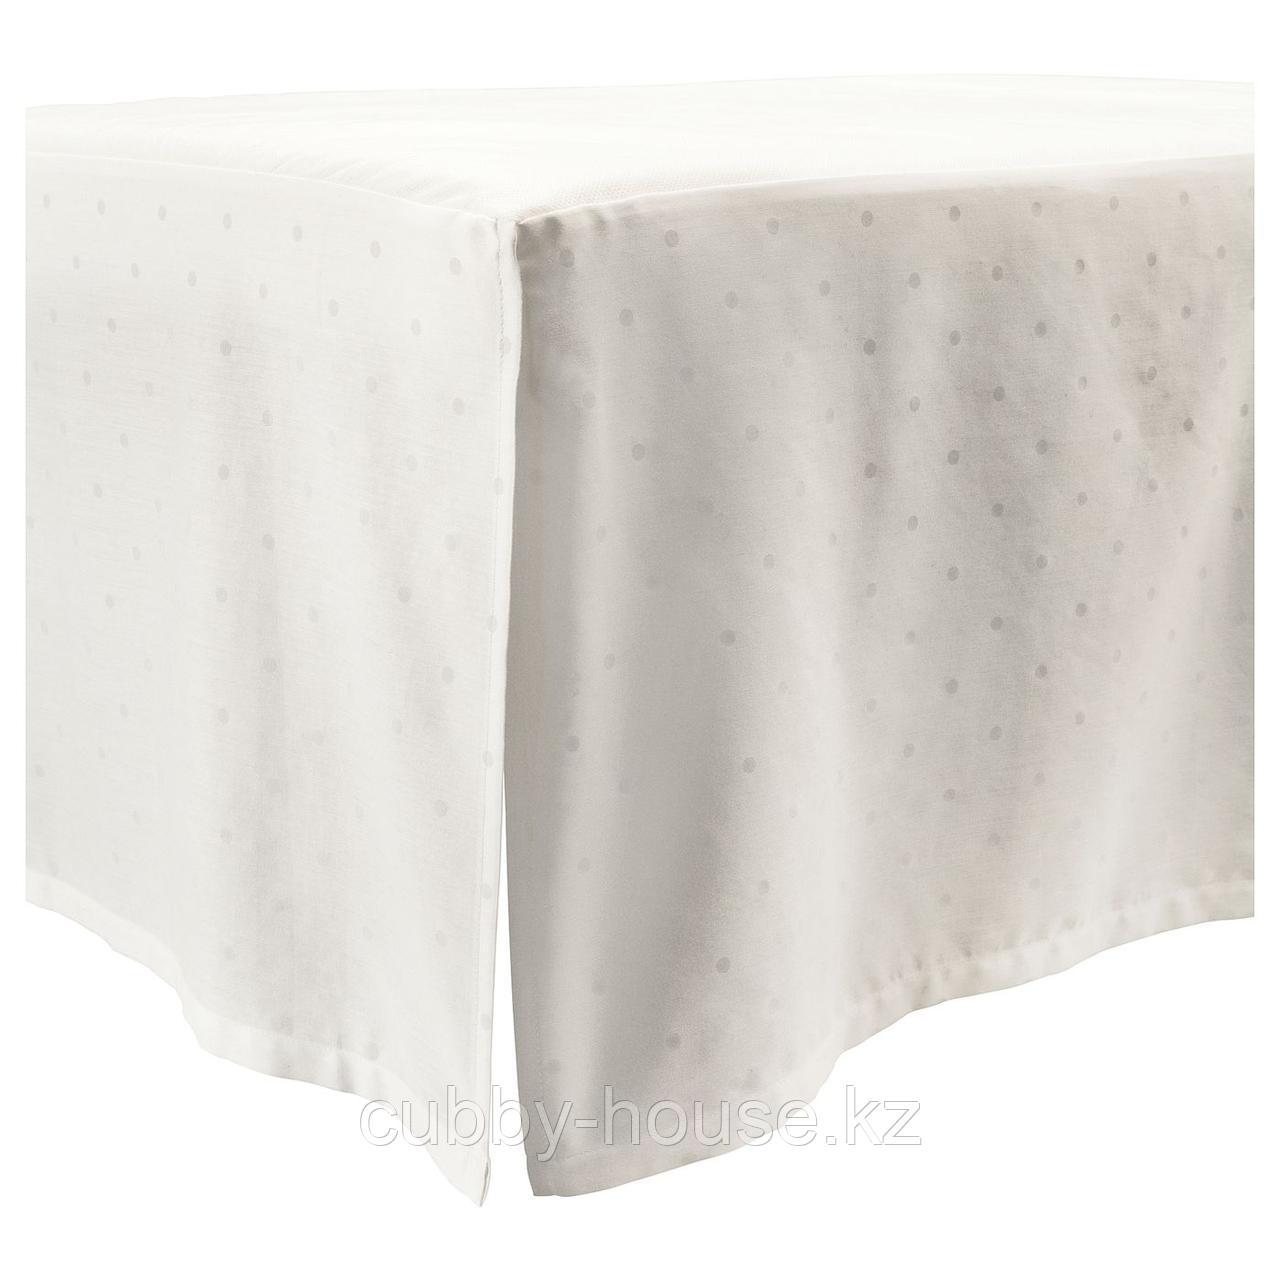 ЛЕНАСТ Подзор для кроватки, точечный, белый, 60x120 см